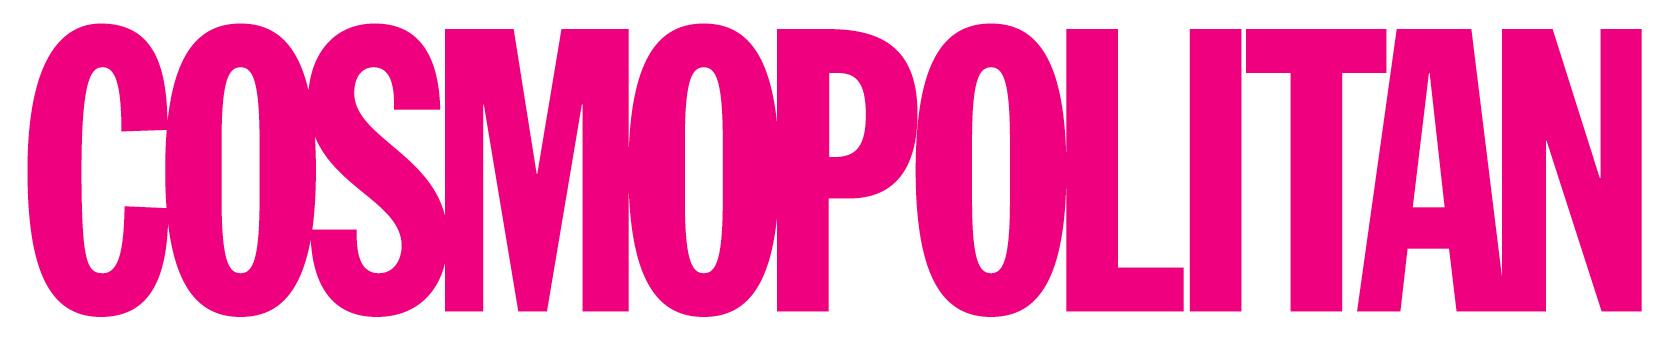 pink_logo.jpg